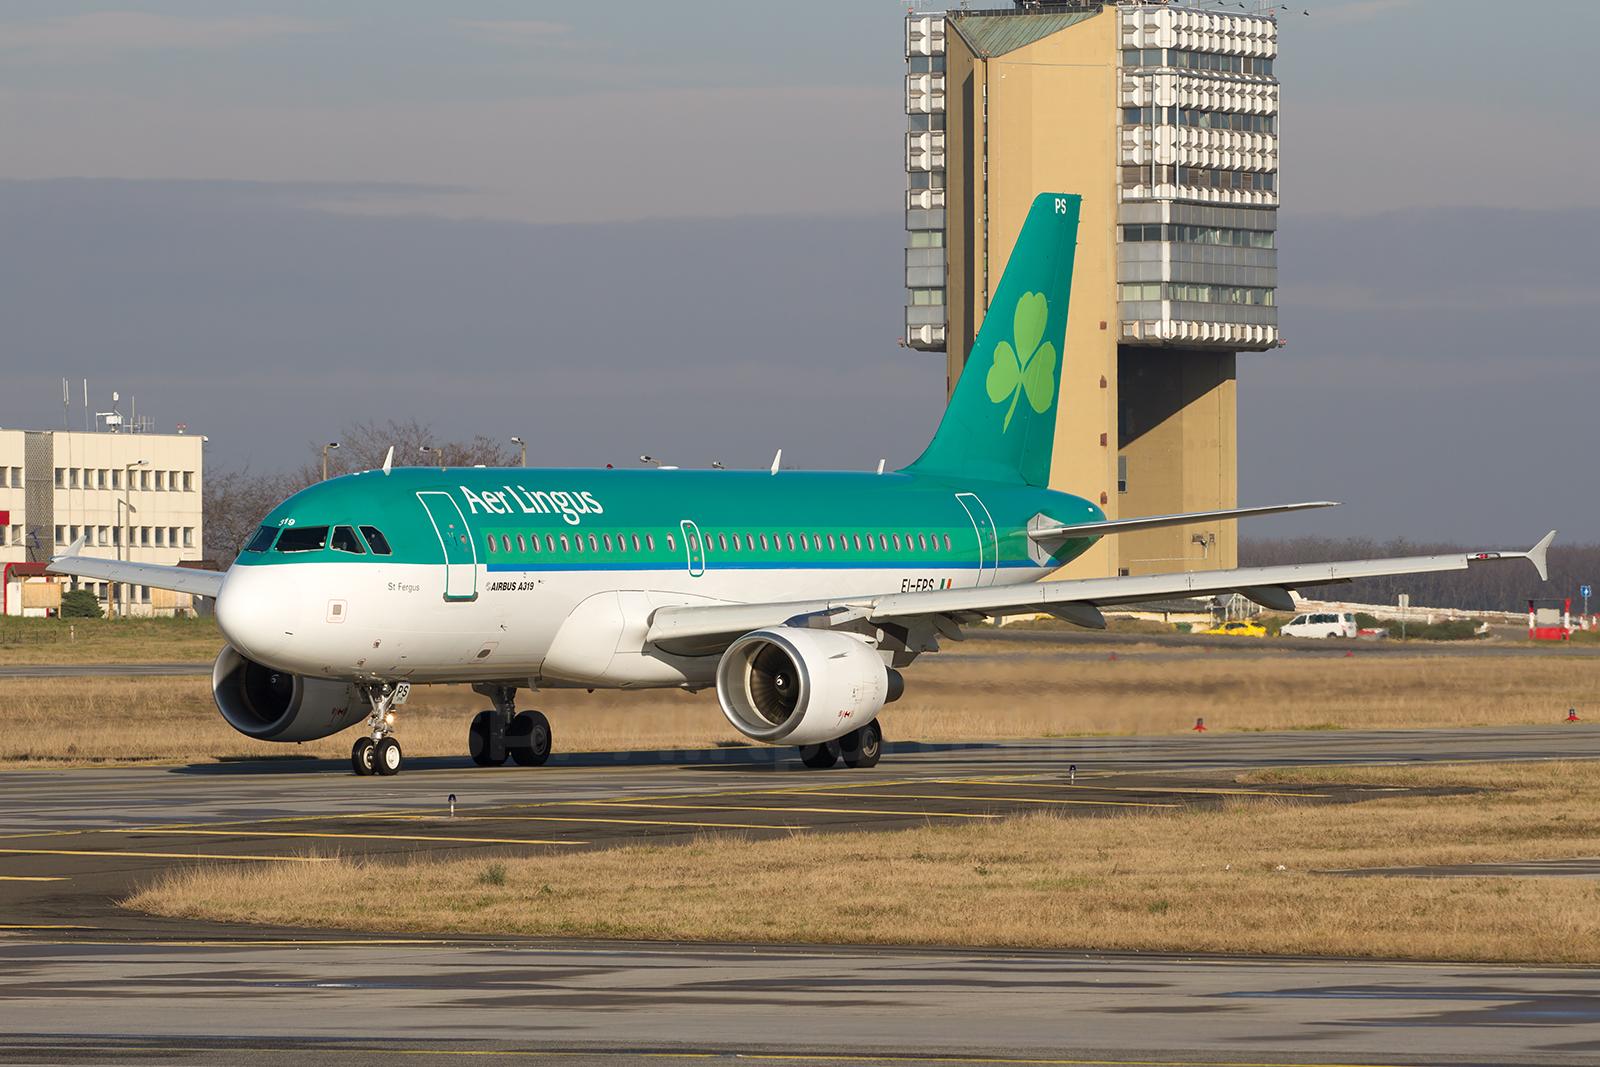 Az Aer Lingus egyik Airbus A319-es repülőgépe Ferihegyen. (Fotó: Ispán Tamás - AIRportal.hu) | © AIRportal.hu